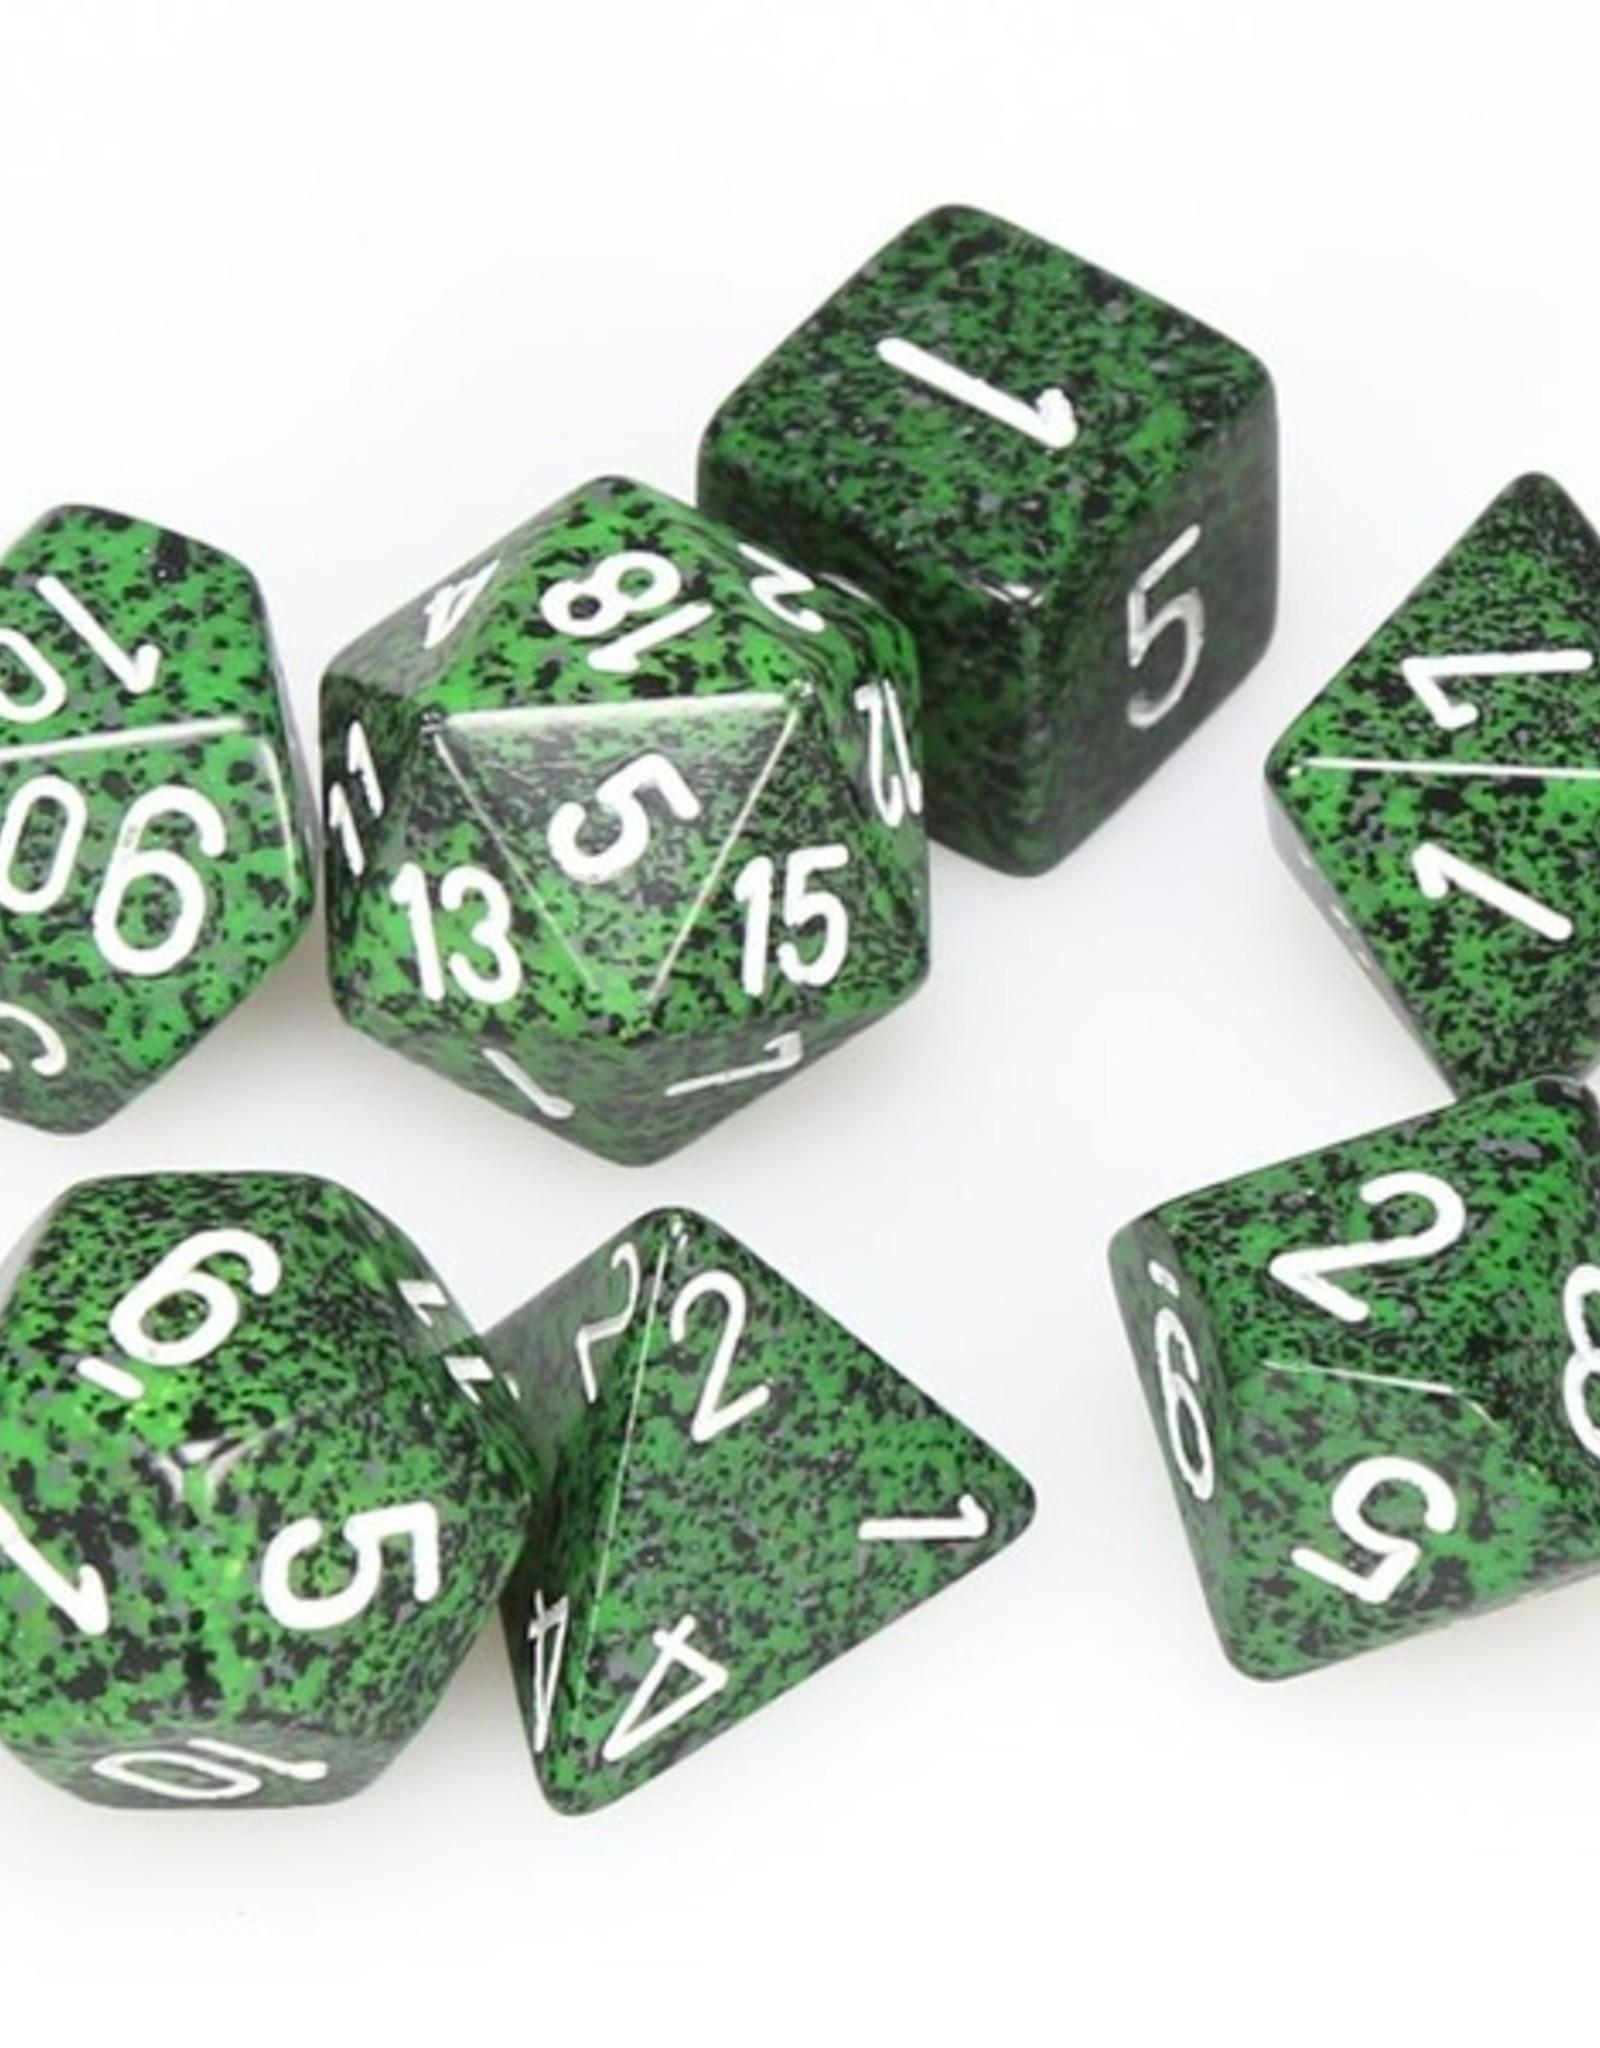 Chessex Chessex 7-Die set Speckled - Recon